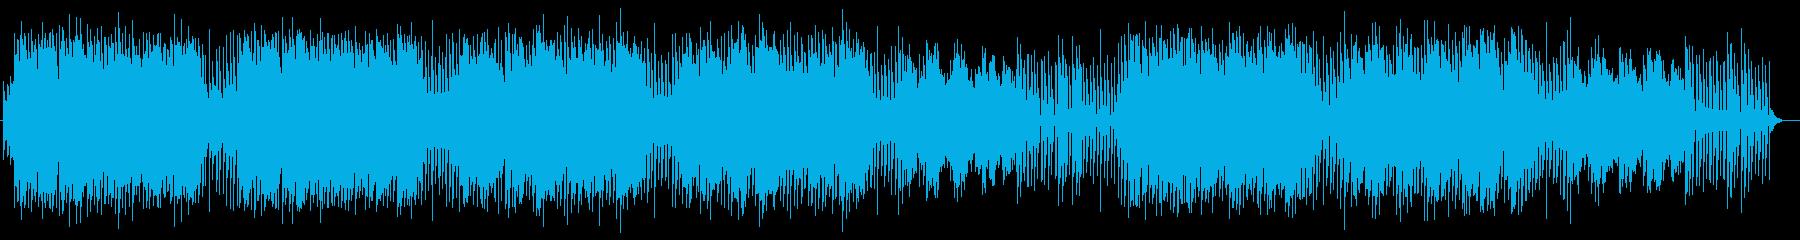 優しく切ないシンセサイザーサウンドの再生済みの波形